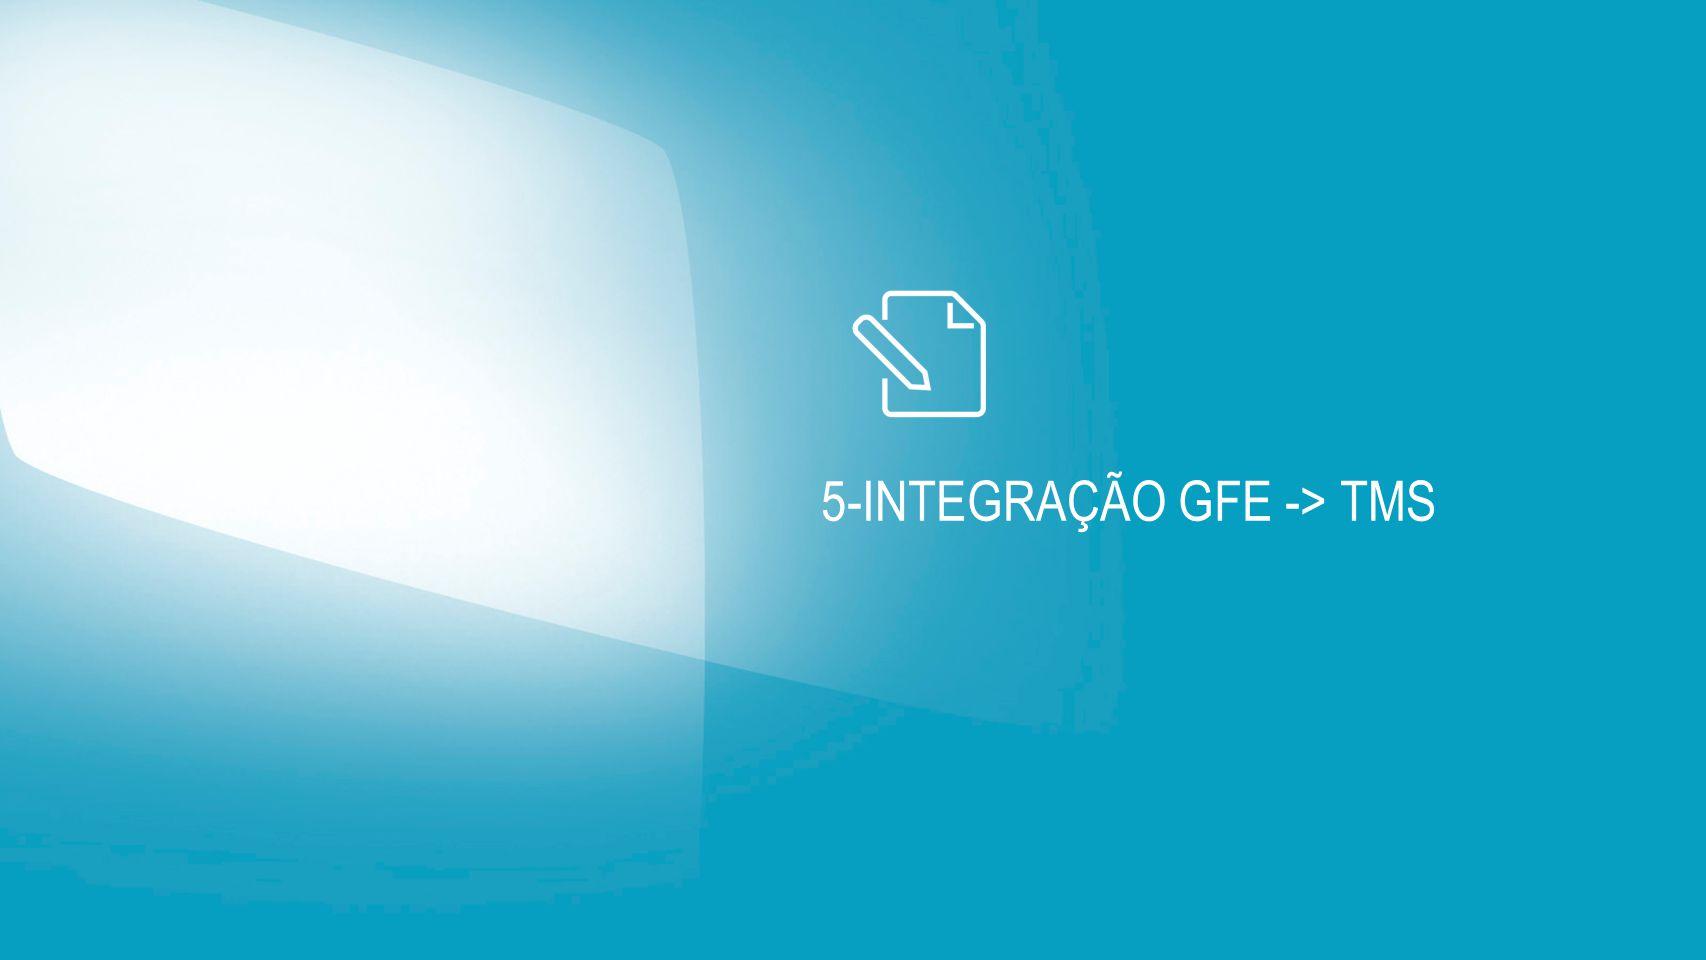 5-INTEGRAÇÃO GFE -> TMS